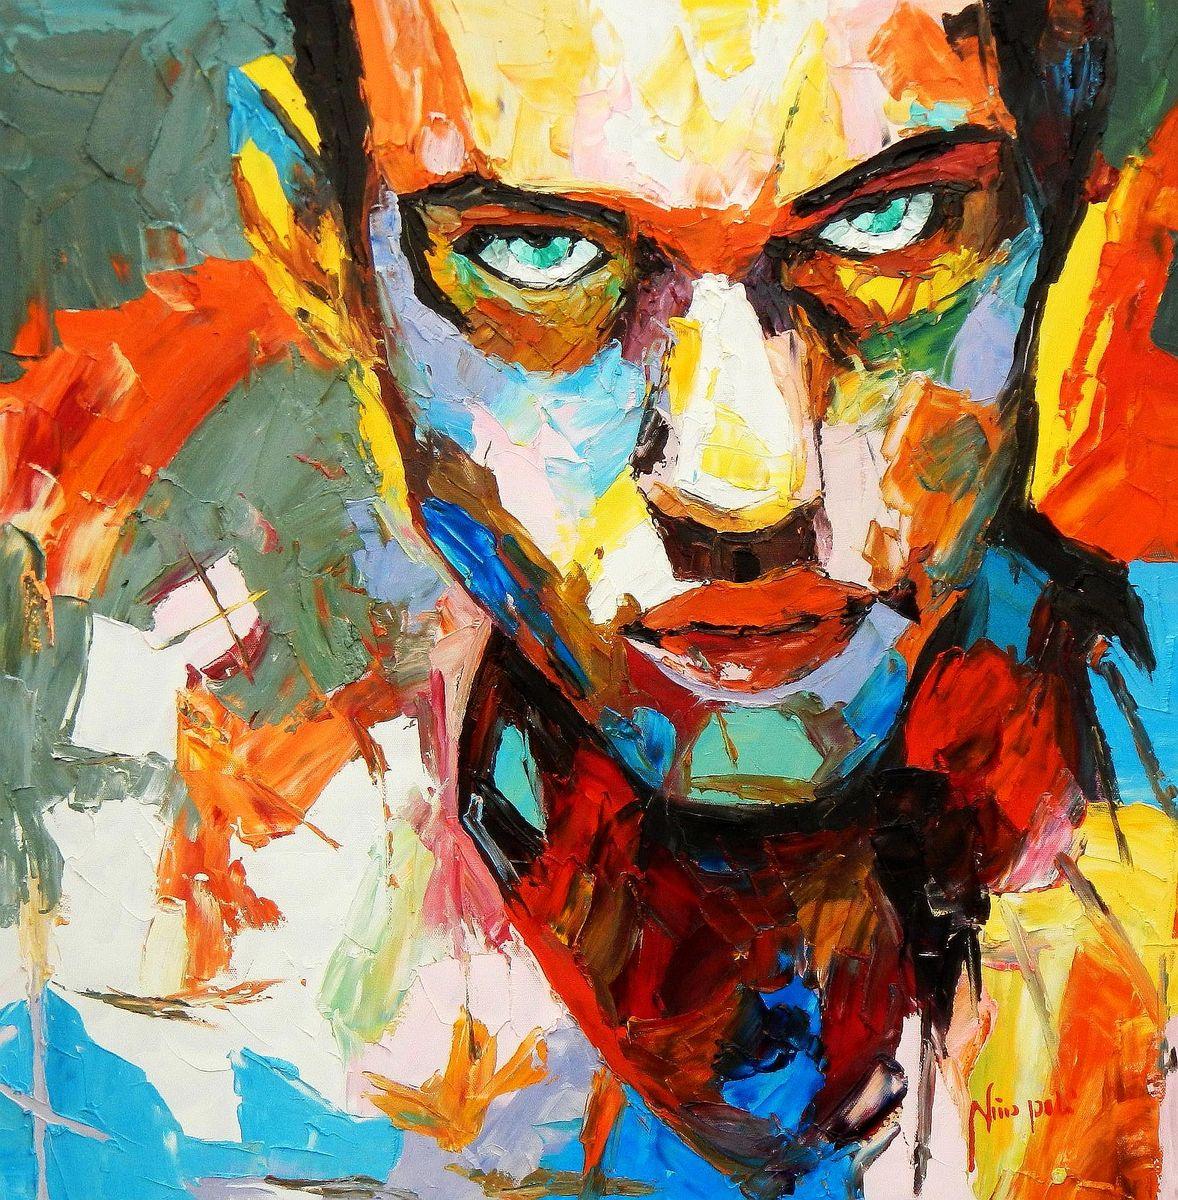 Modern Art - Die Entschlossenheit e94615 60x60cm exquisites Ölgemälde